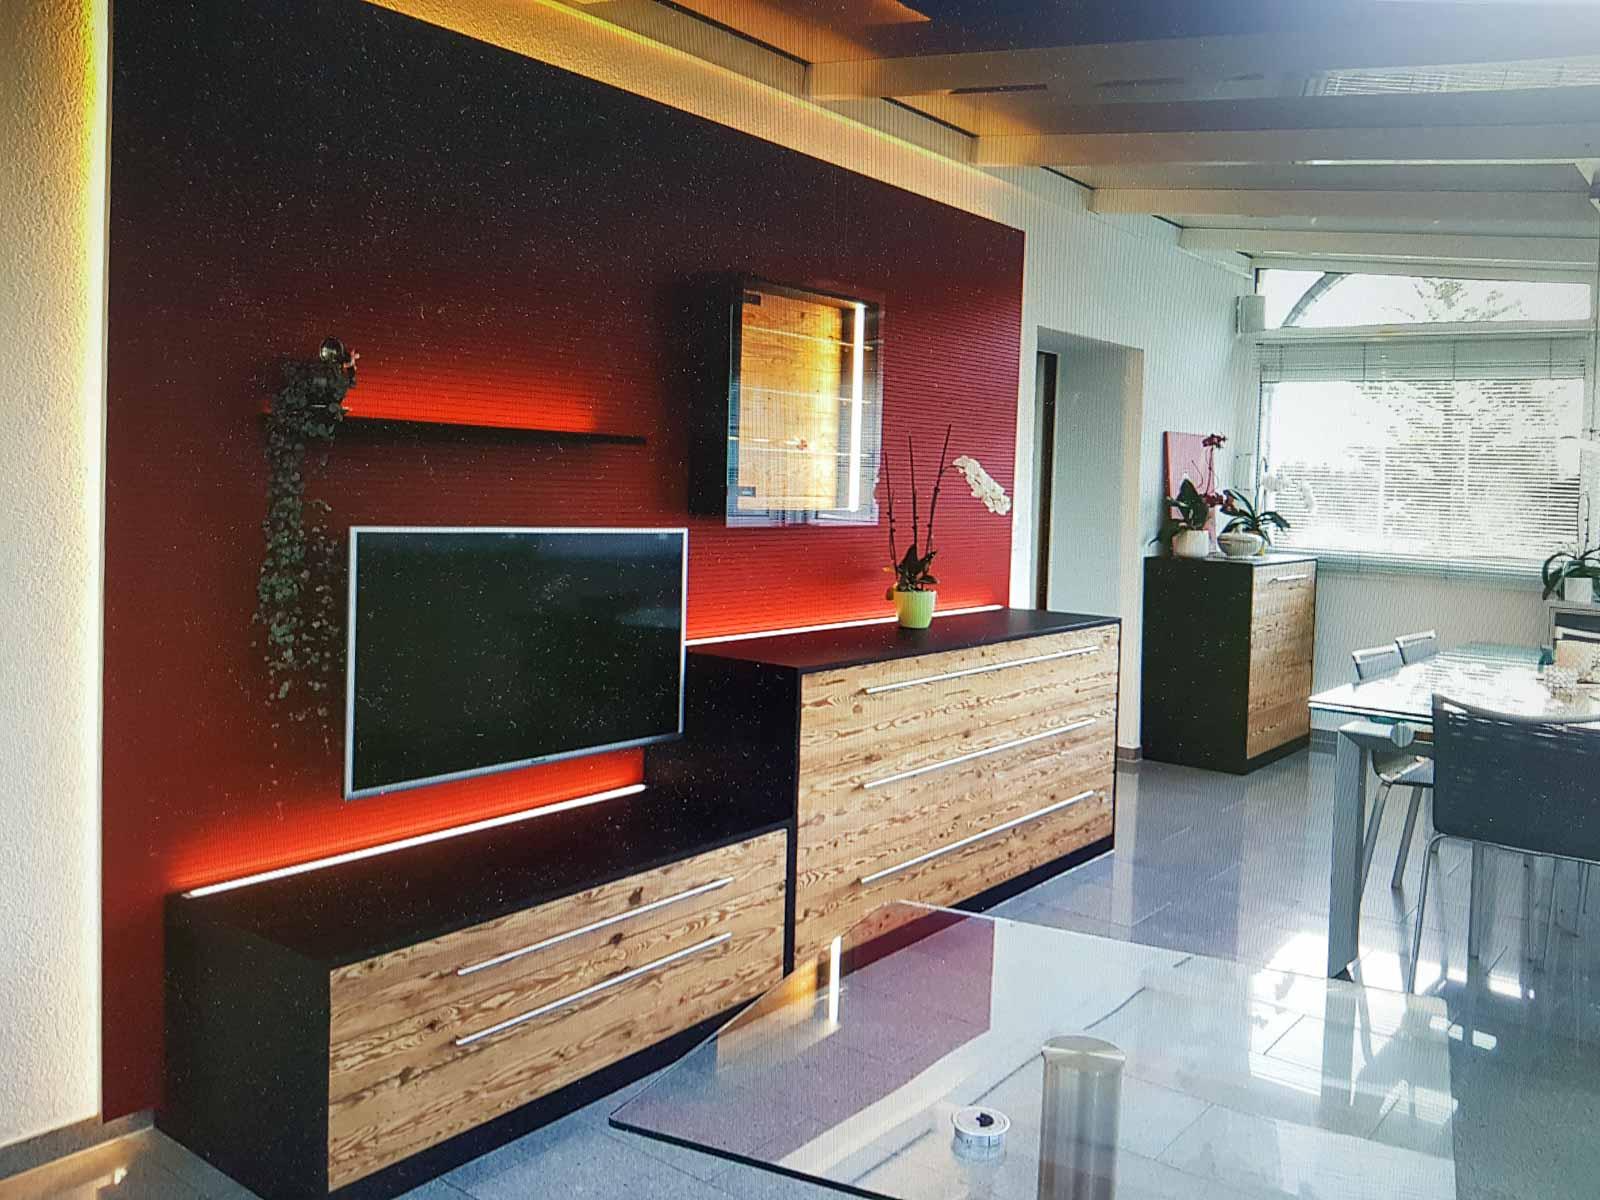 Wooddesign_Wohnzimmermöbel_rot_Altholz_Schallabsorption_Schalldämmung_Fernsehmöbel (3)